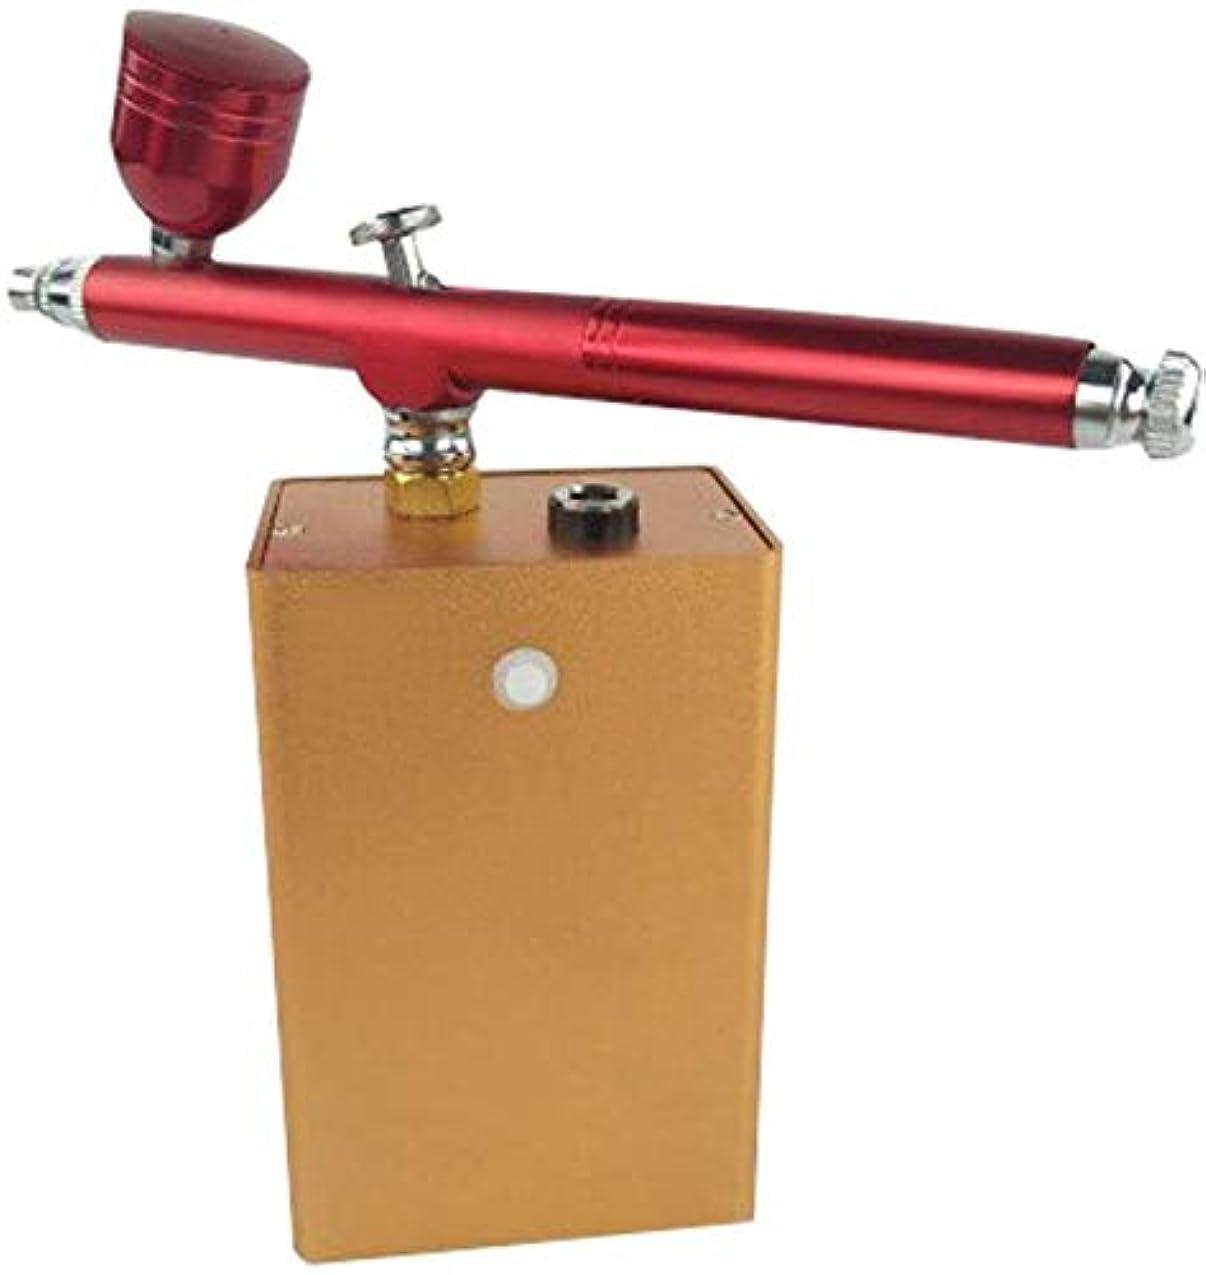 レンダー紳士クーポン良質の水和のスプレーの器械の美の保湿の家の携帯用小型再充電可能な水酸素の器械の酸素のメートル